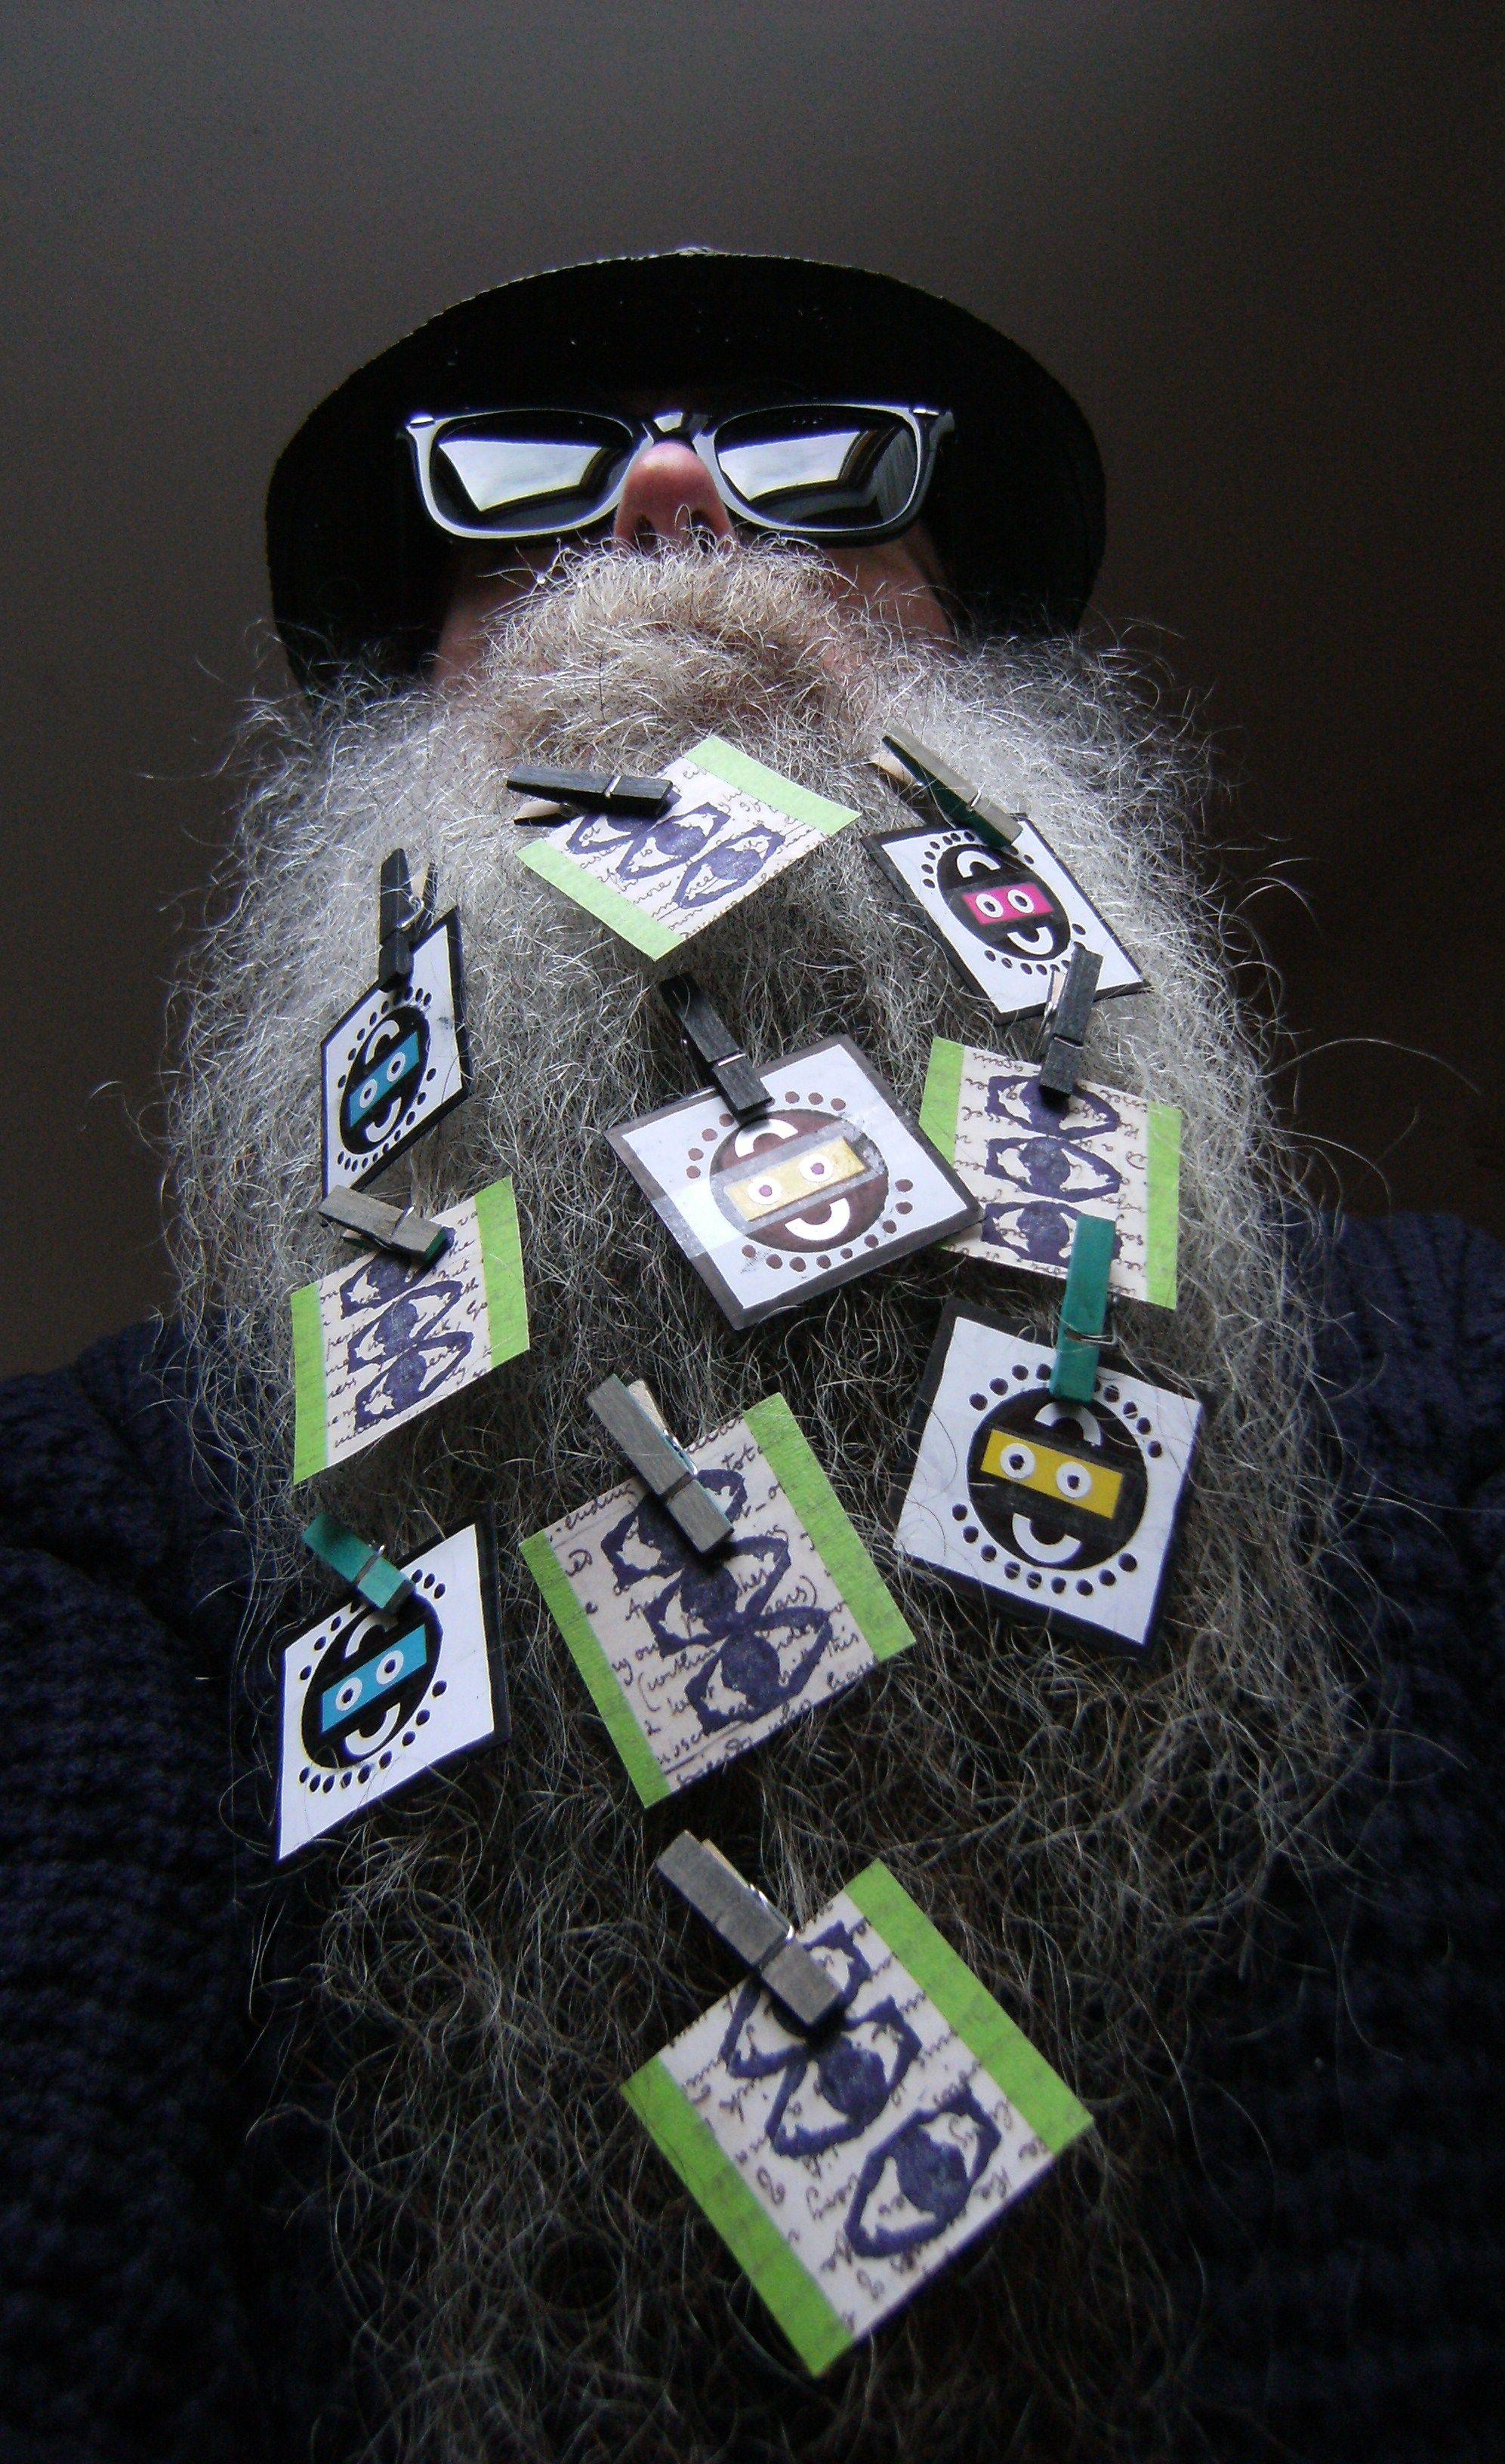 BEARD GALLERY - Opere di Barbara Ruotolo installate sulla mia barba (Galleria Pensile)